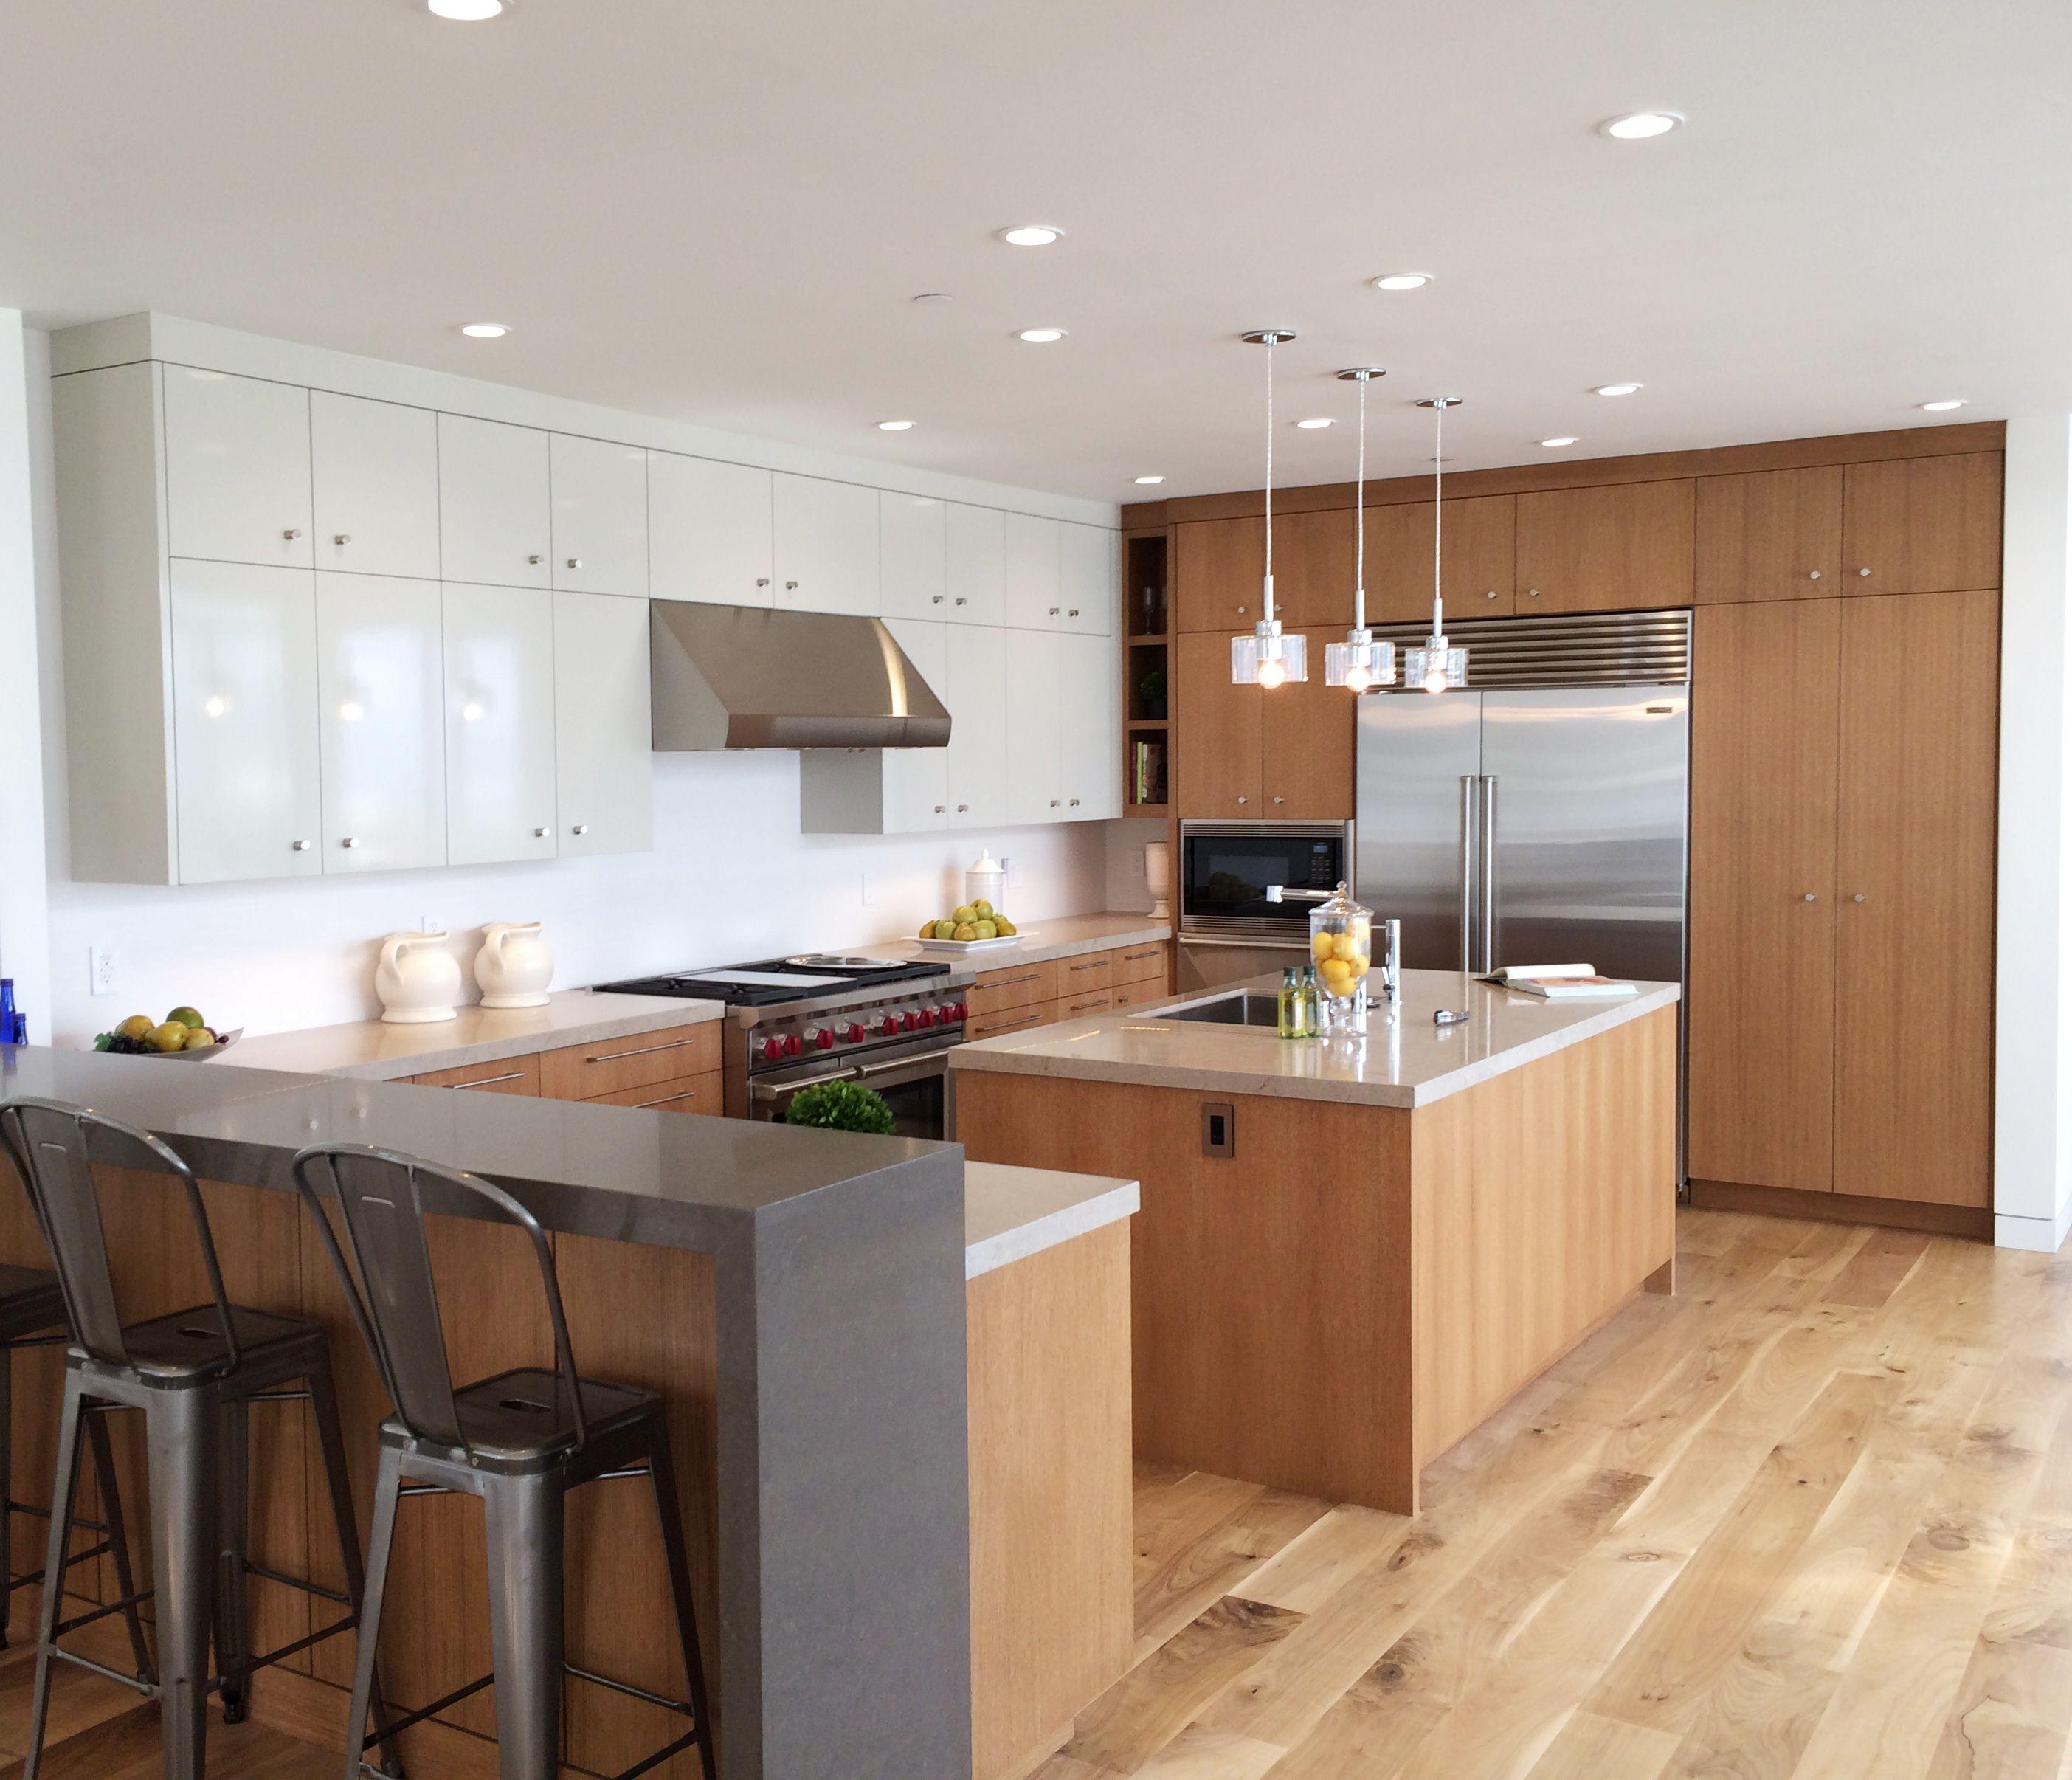 Kitchen Remodeling Manhattan: Rift Oak & High Gloss Cabinets